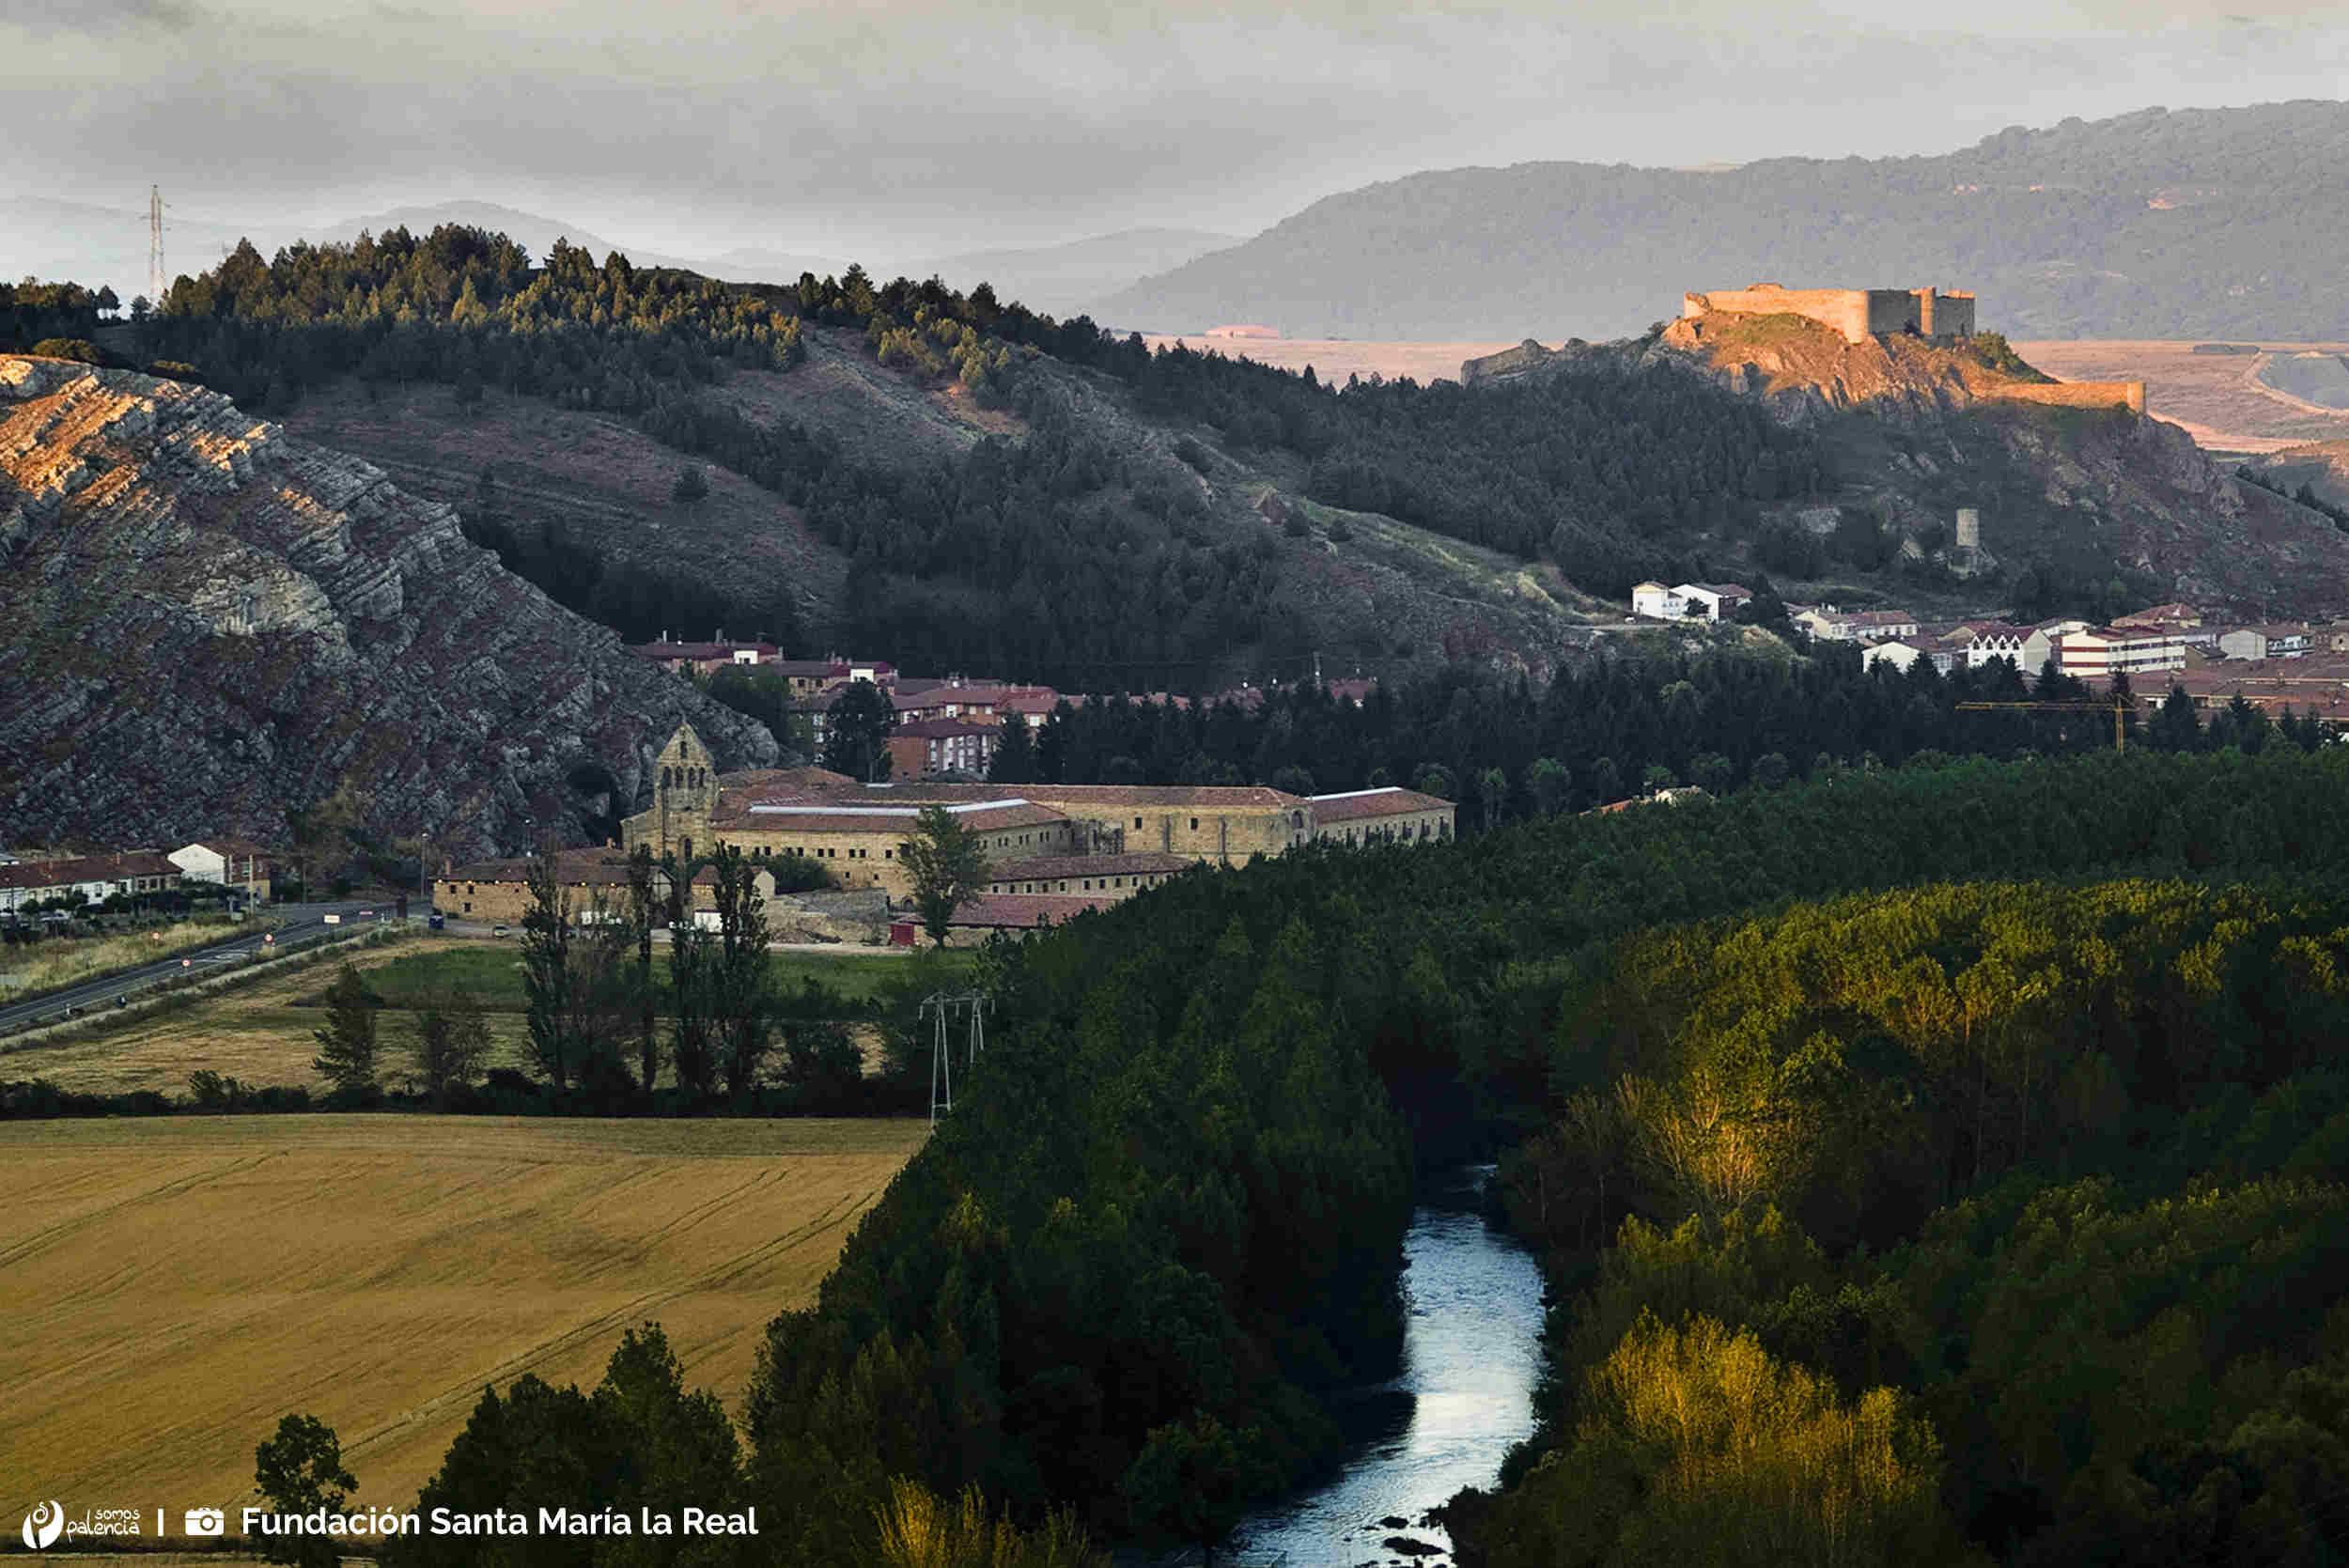 Monasterio Santa María la Real - Aguilar de Campoo - Palencia